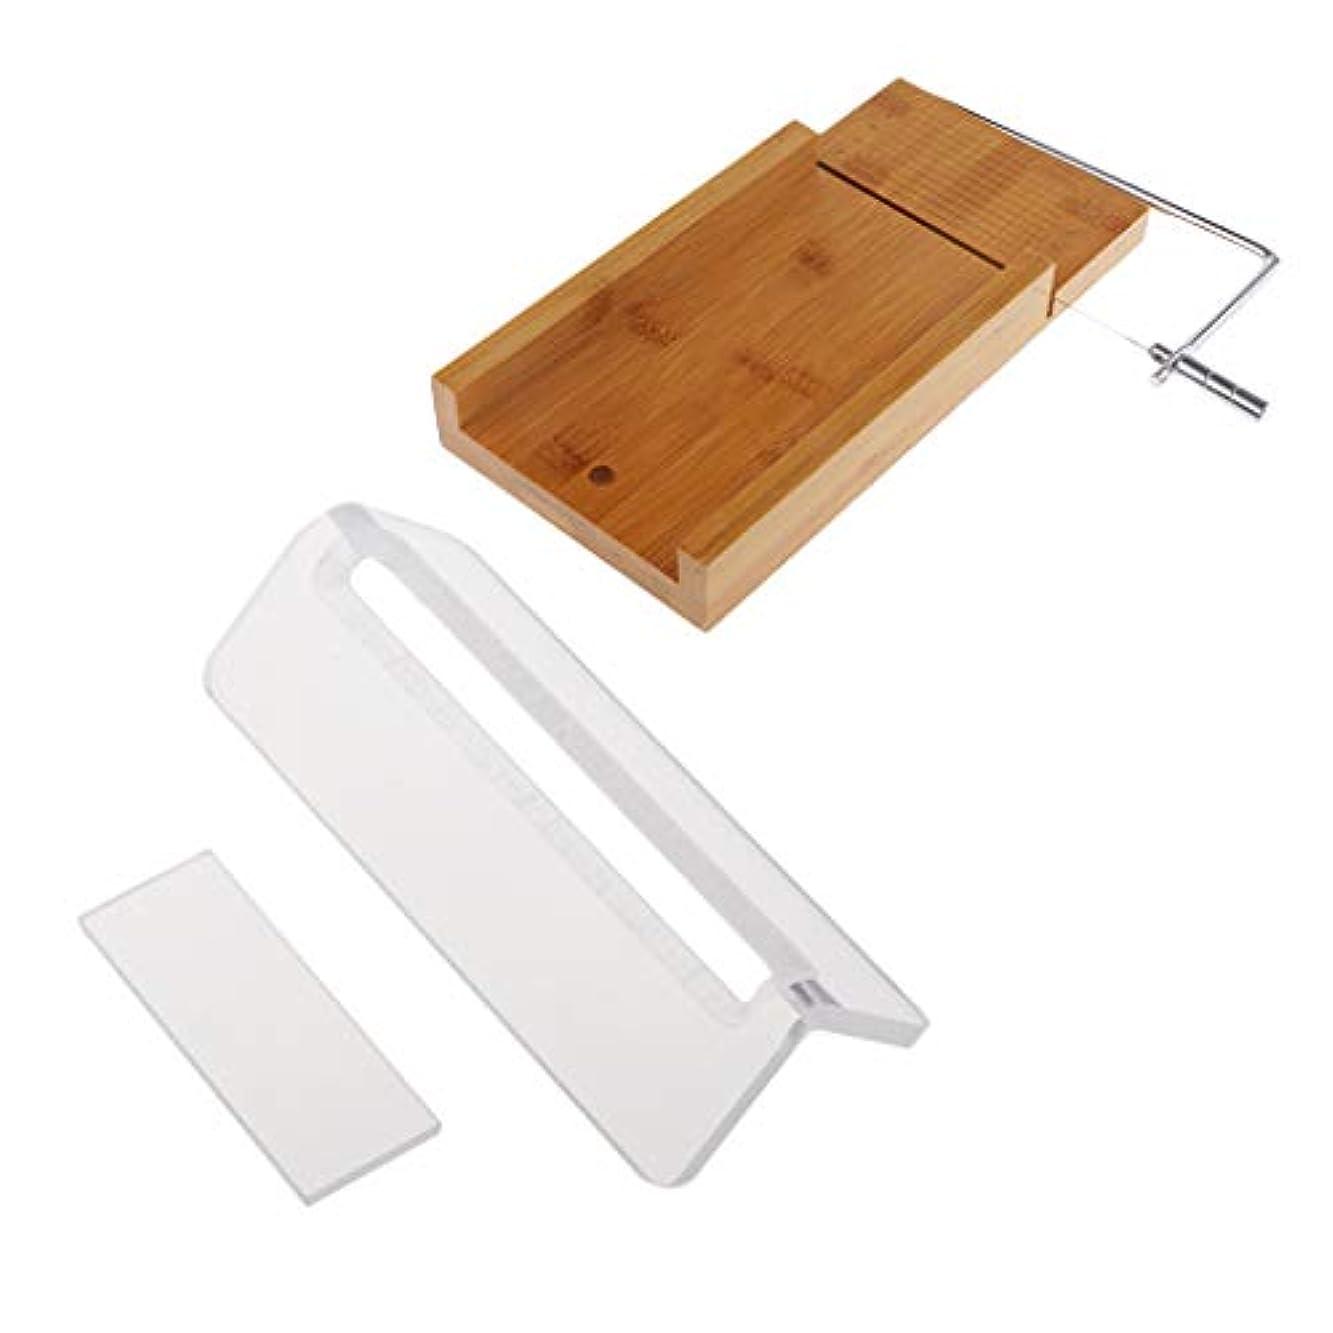 米国汚れた幽霊ローフカッター 木製 ソープ包丁 石鹸カッター 手作り石鹸 DIY キッチン用品 2個入り